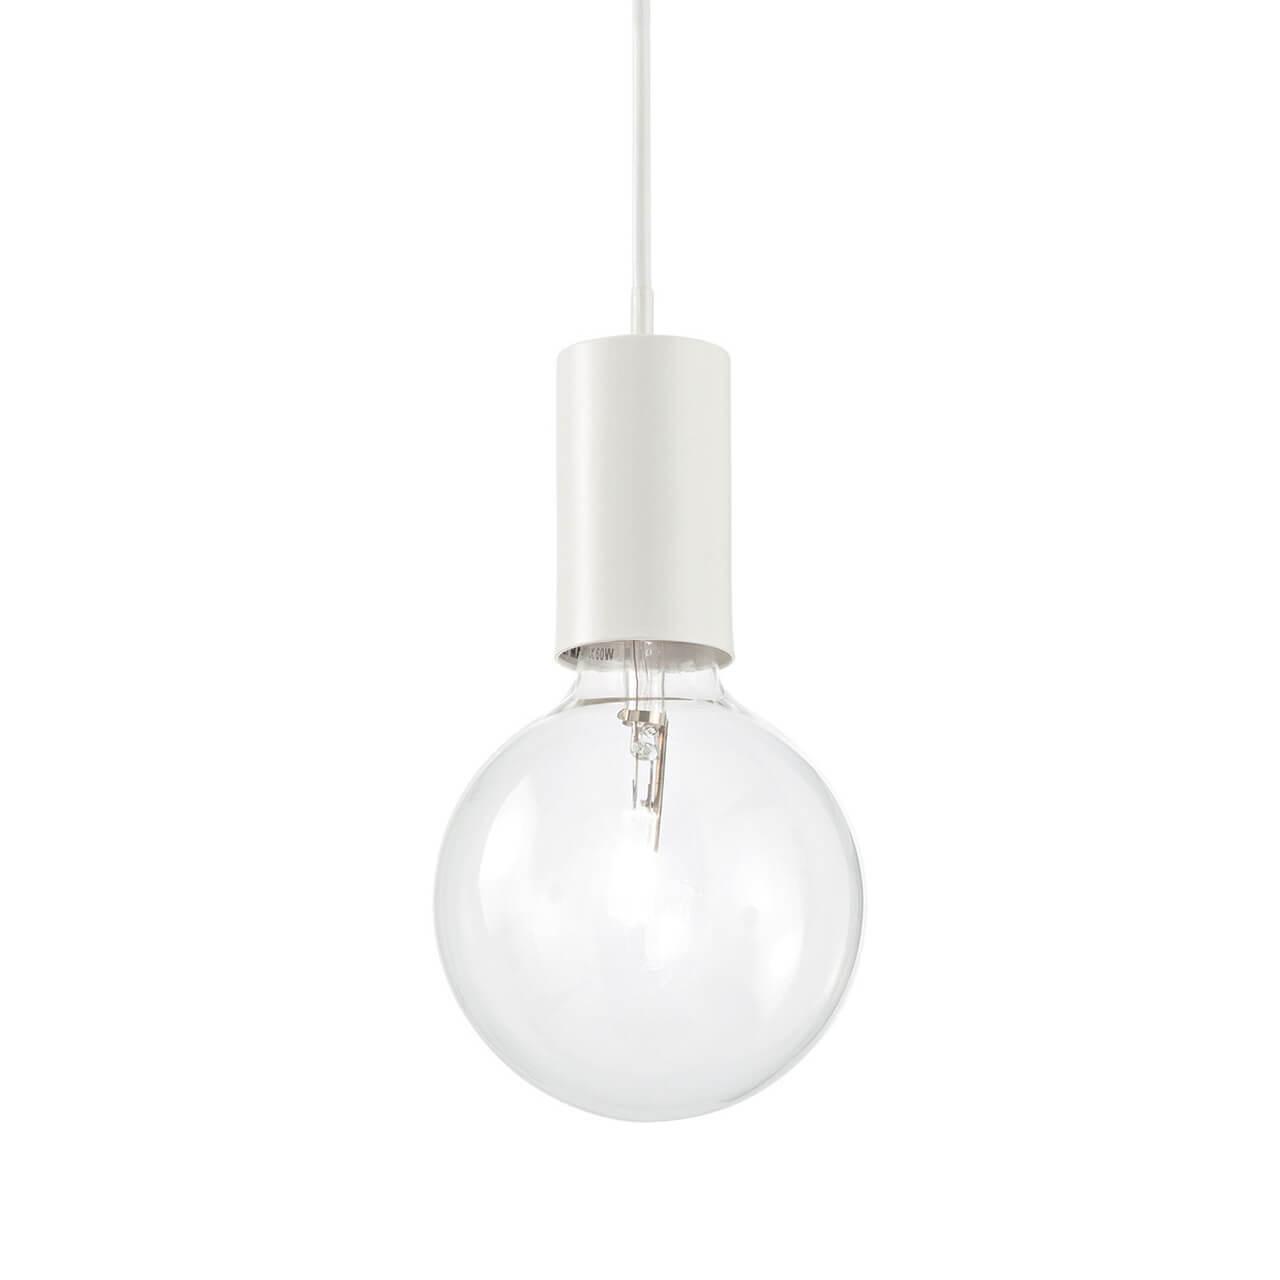 Подвесной светильник Ideal Lux Hugo SP1 Bianco подвесной светильник ideal lux lido 3 sp1 bianco